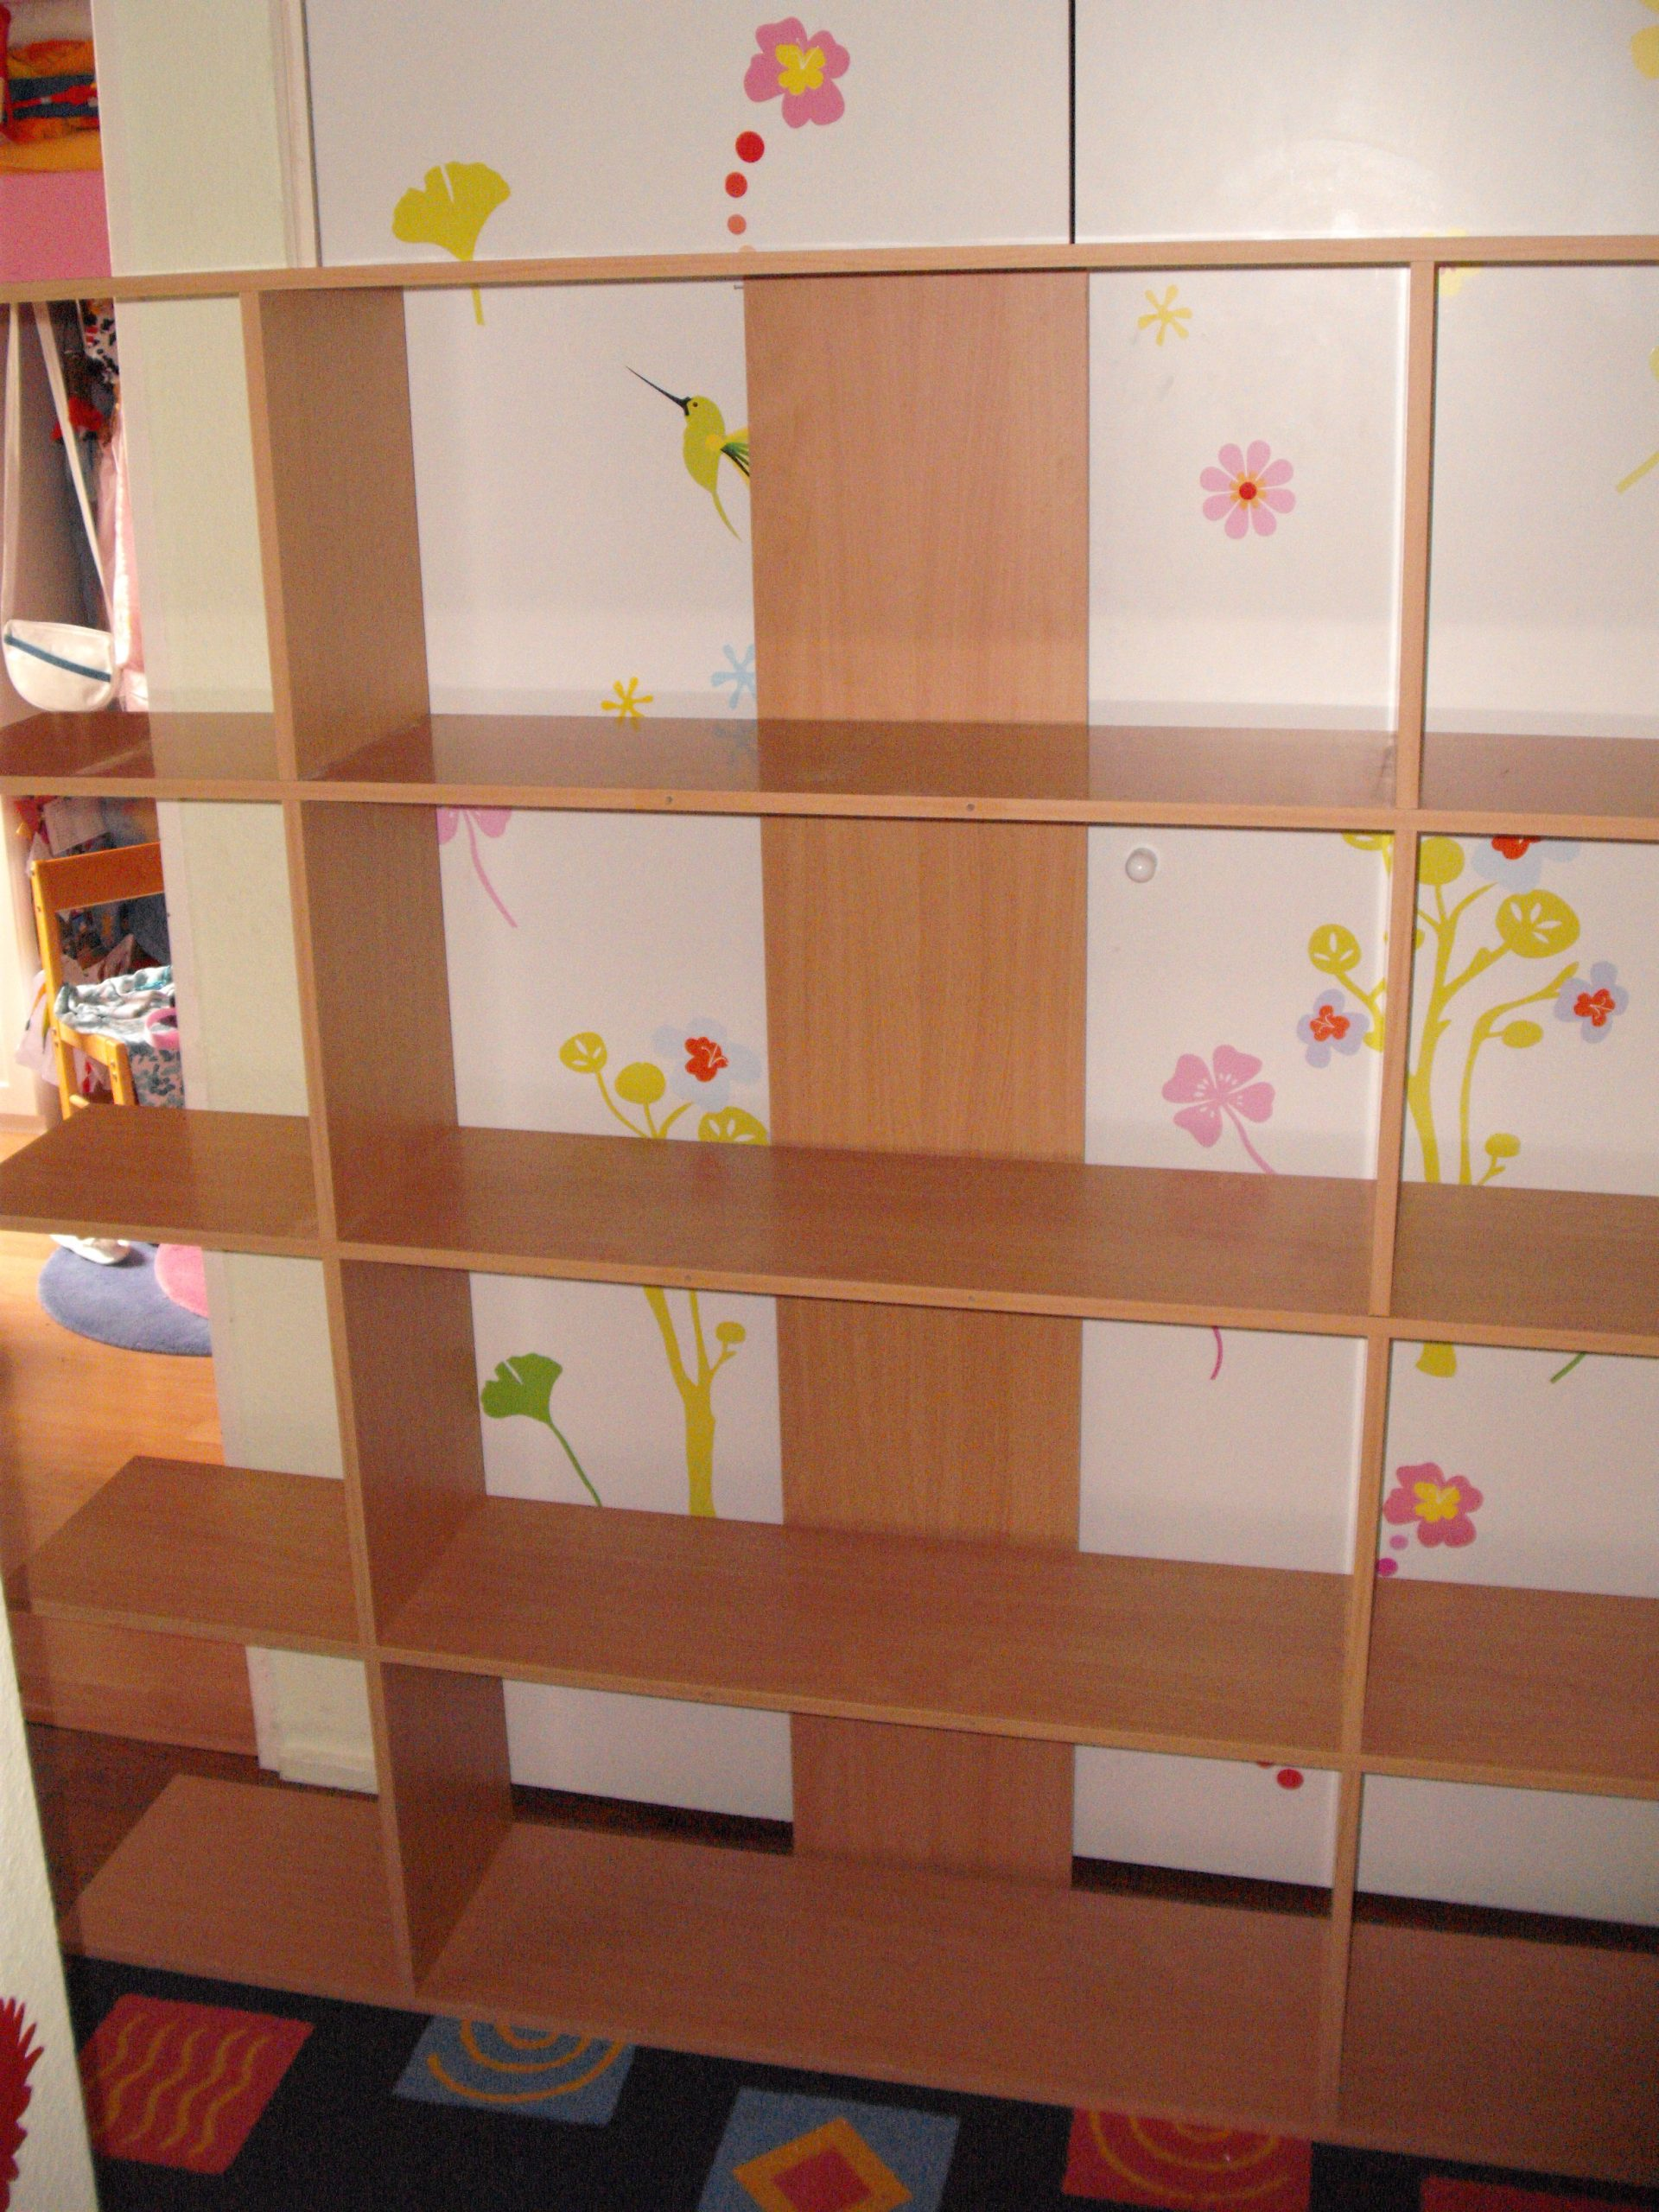 Full Size of Raumteiler Ikea Regal Onkel Buche In Berlin Mbel Und Haushalt Kleinanzeigen Modulküche Küche Kaufen Sofa Mit Schlaffunktion Betten 160x200 Miniküche Kosten Wohnzimmer Raumteiler Ikea